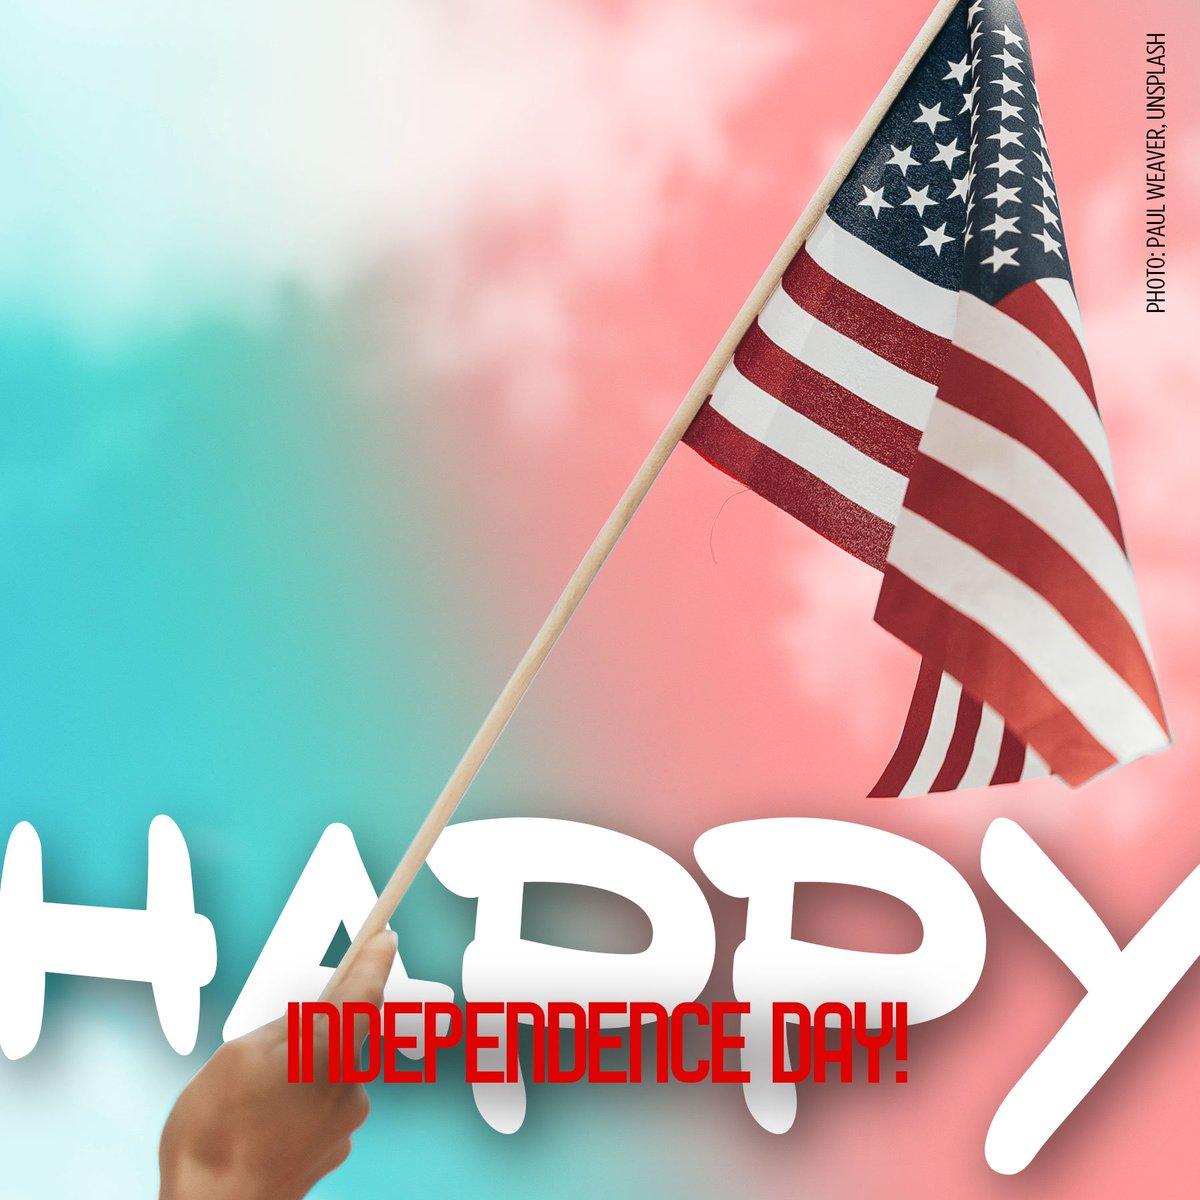 Happy 4th of July! https://t.co/apzJgUSShM